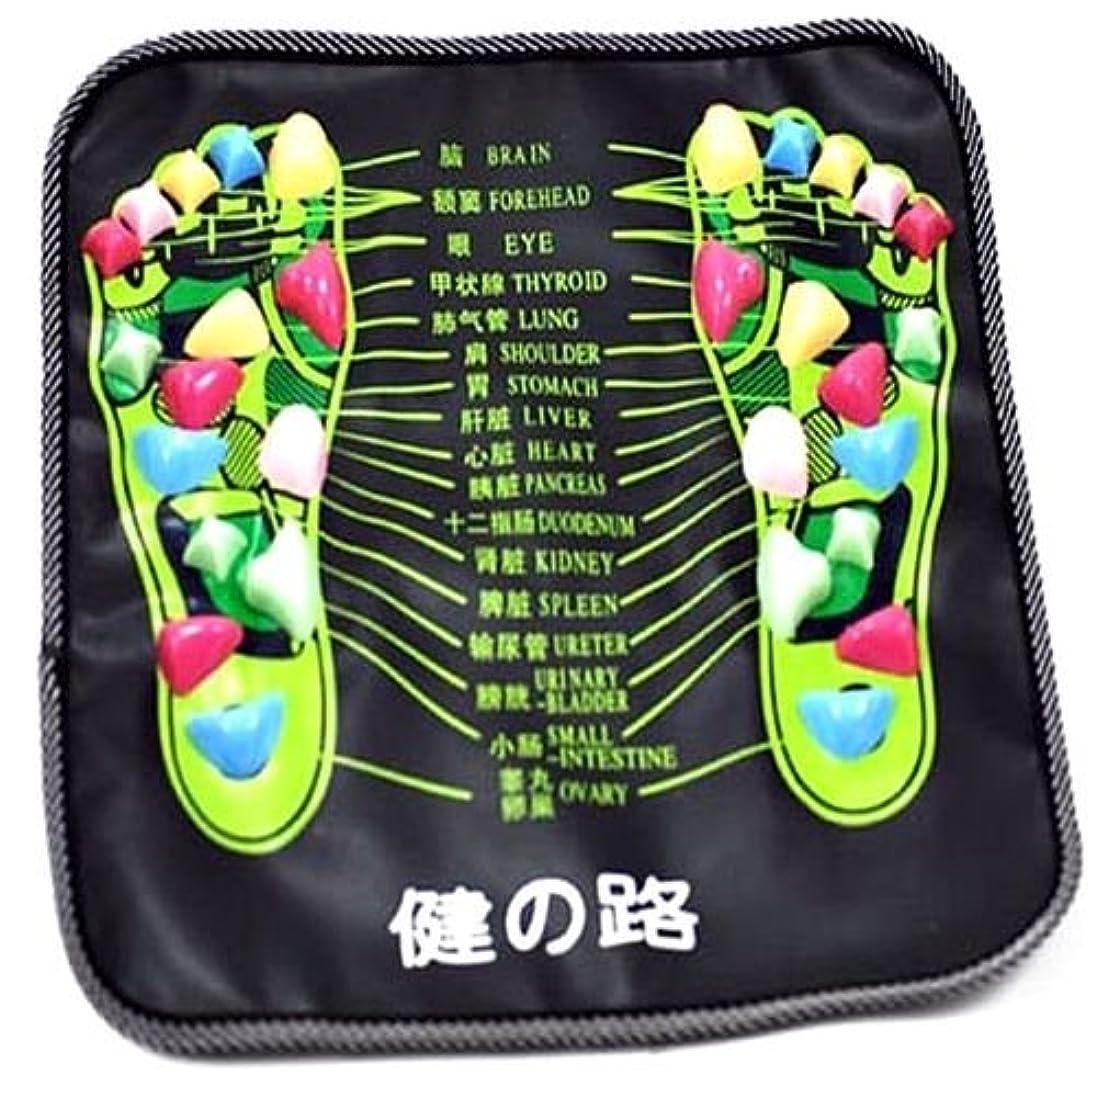 経験者養うビリーisz-spo 足ツボ マッサージ 健康ボード プラスチック 簡単 収納